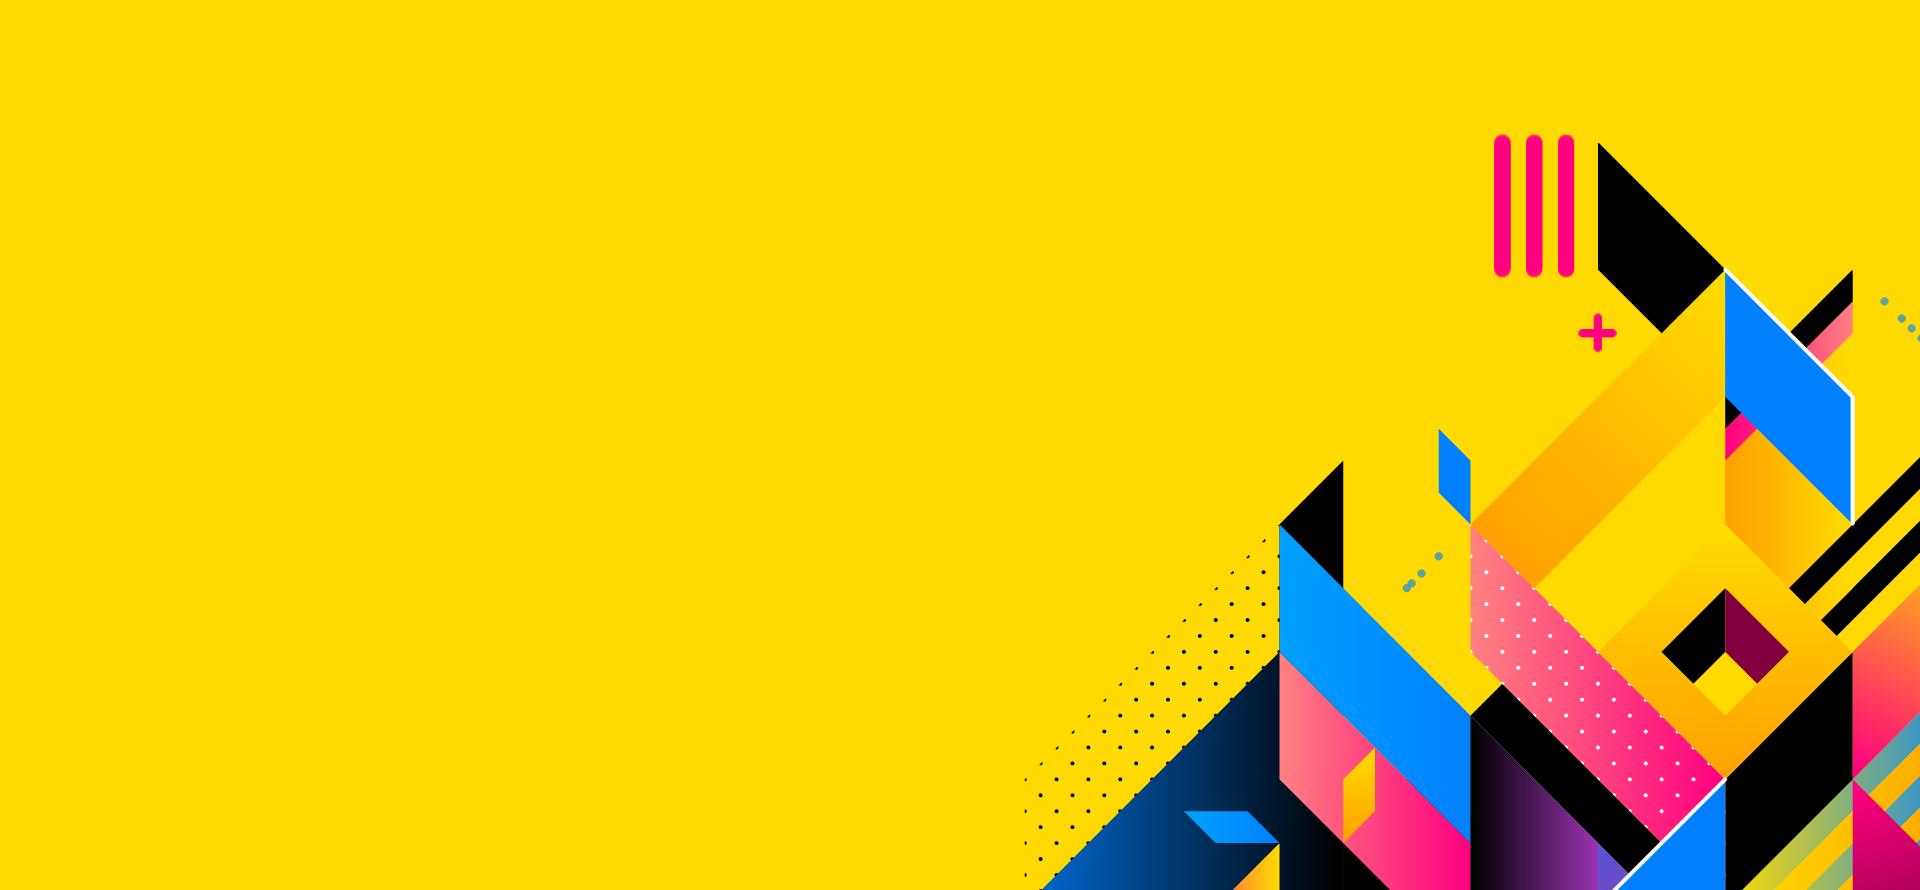 immagine sfondo gialla con figure astratte